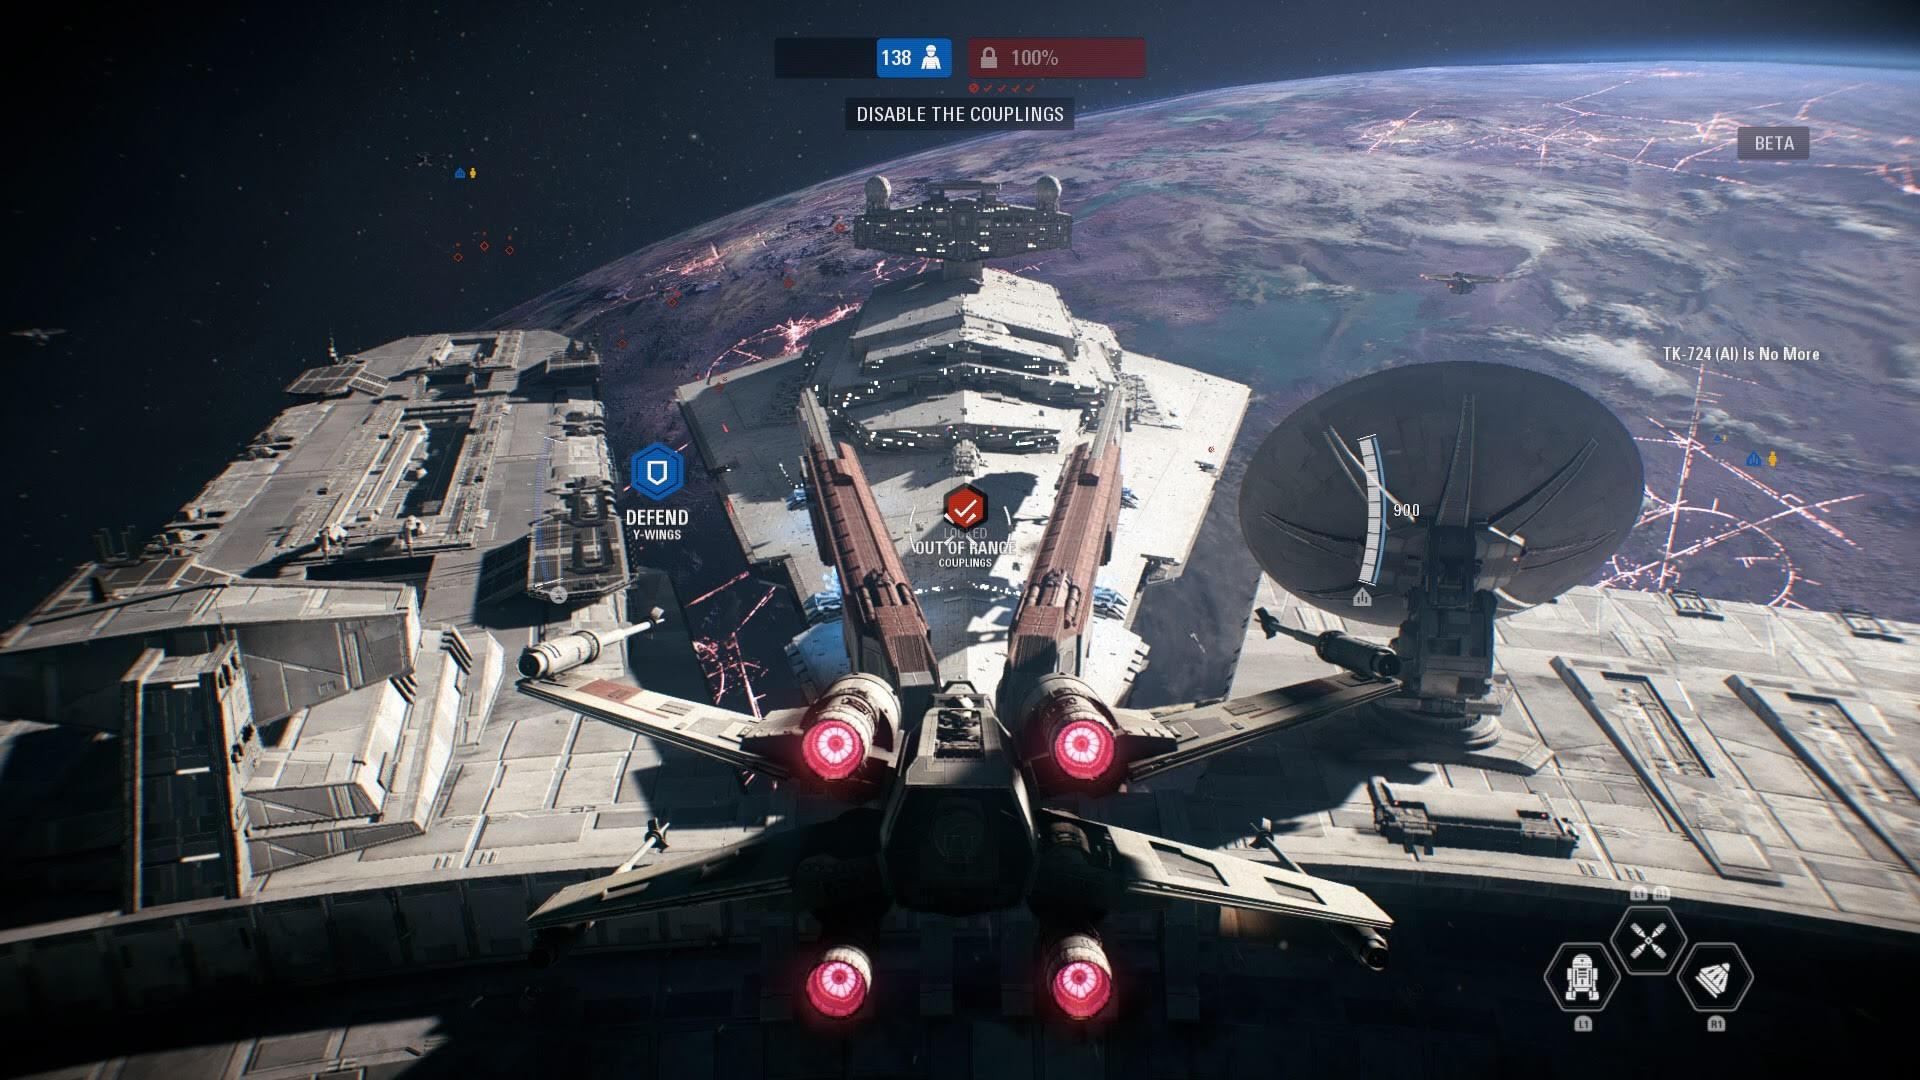 حرب النجوم Battlefront II تصل إلى الخلف لدفع السلسلة للأمام 4